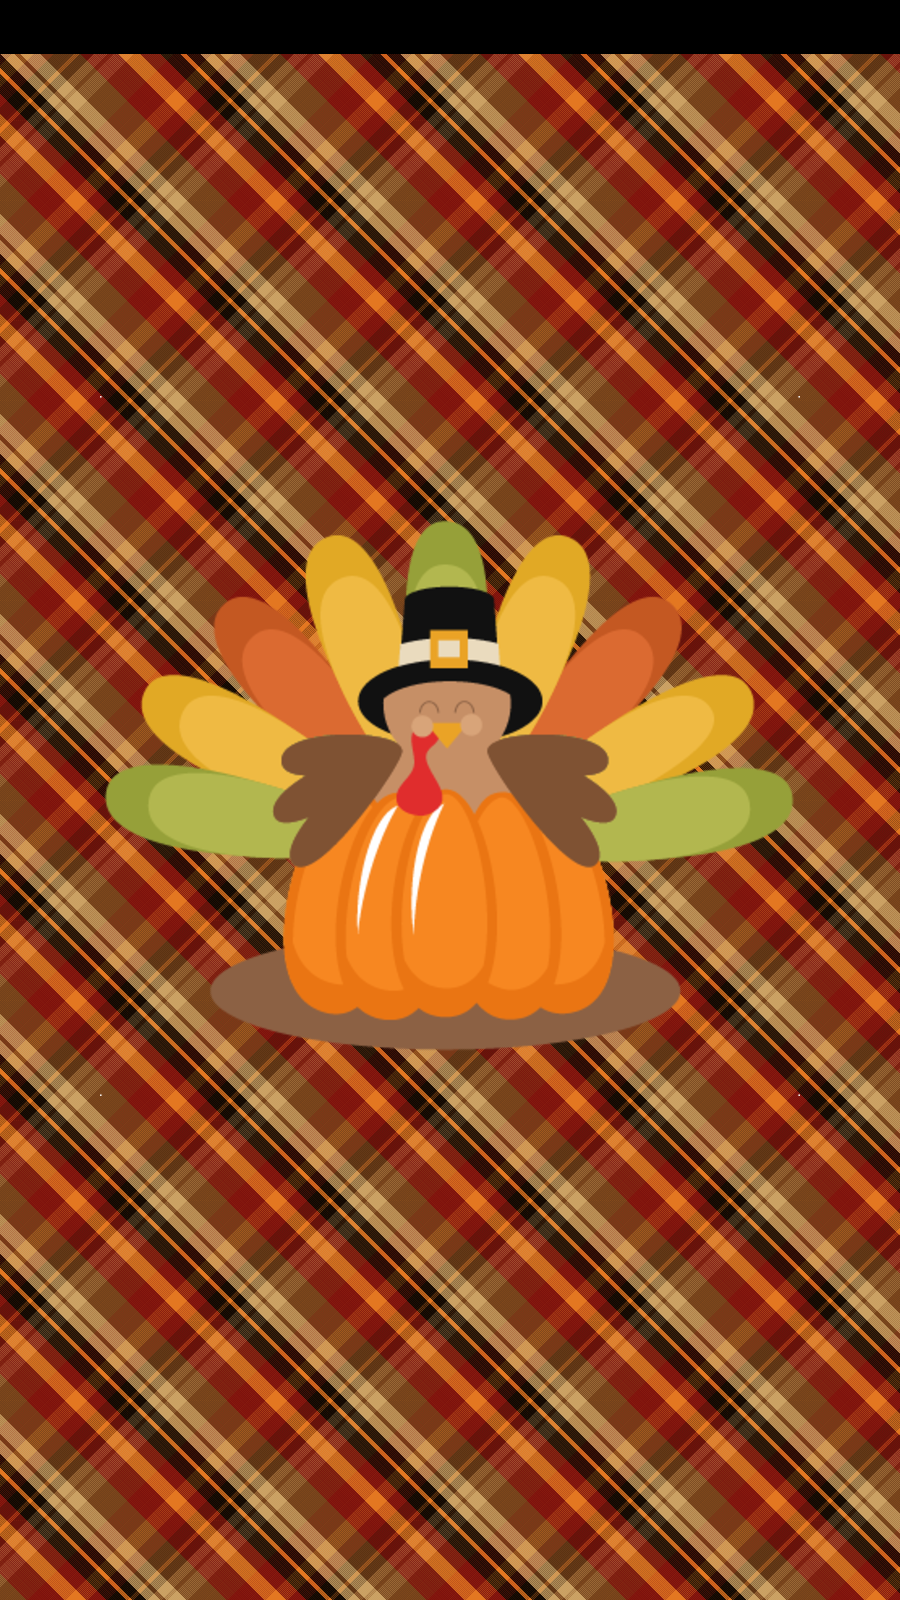 Turkey10.png 900×1,600 pixels Halloween wallpaper